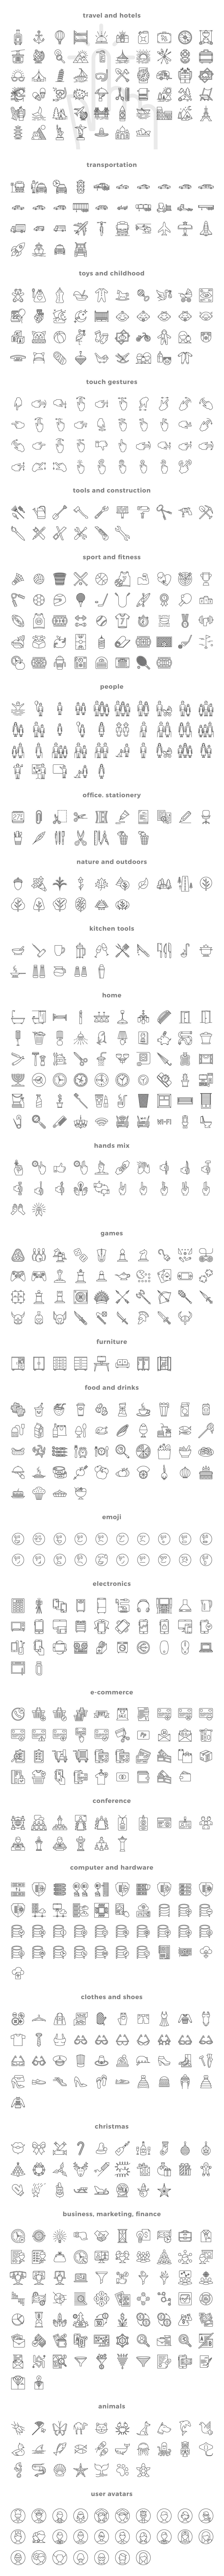 Icons bundle set preview  cm  1160x13315px